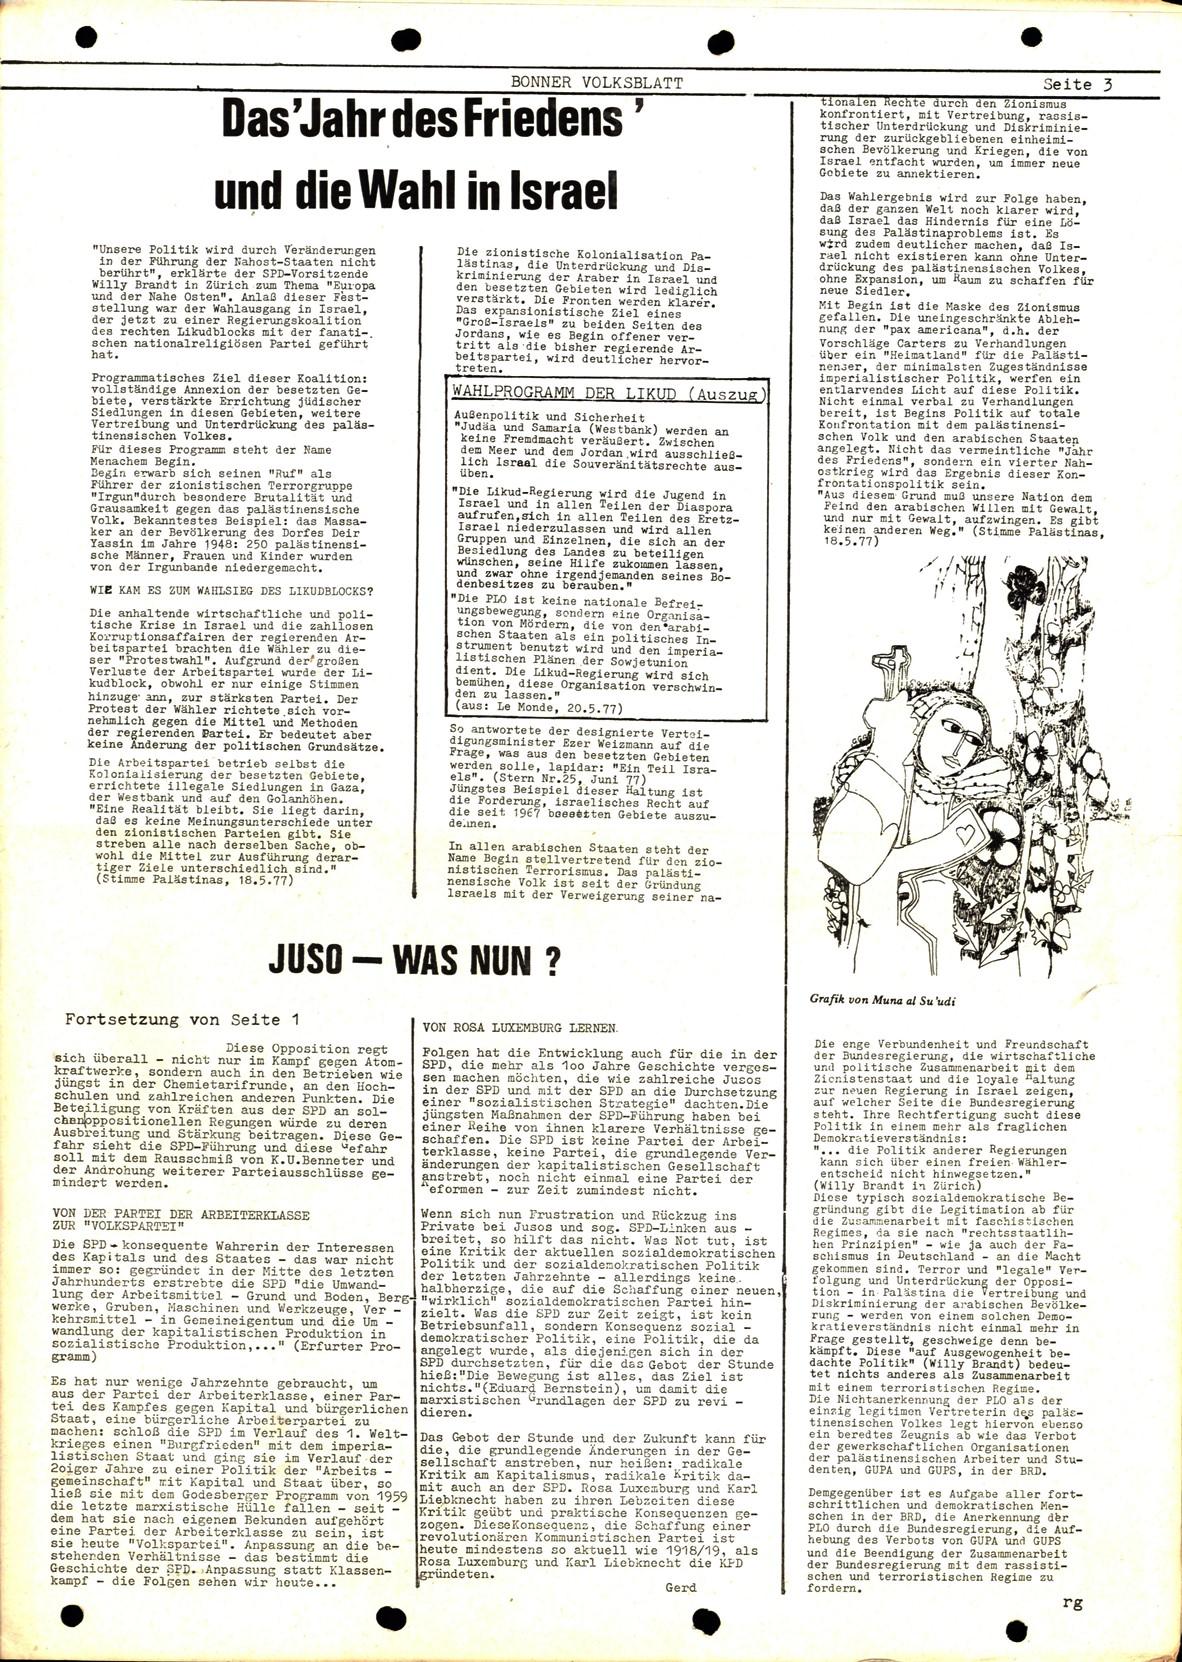 Bonner_Volksblatt_02_19770621_03